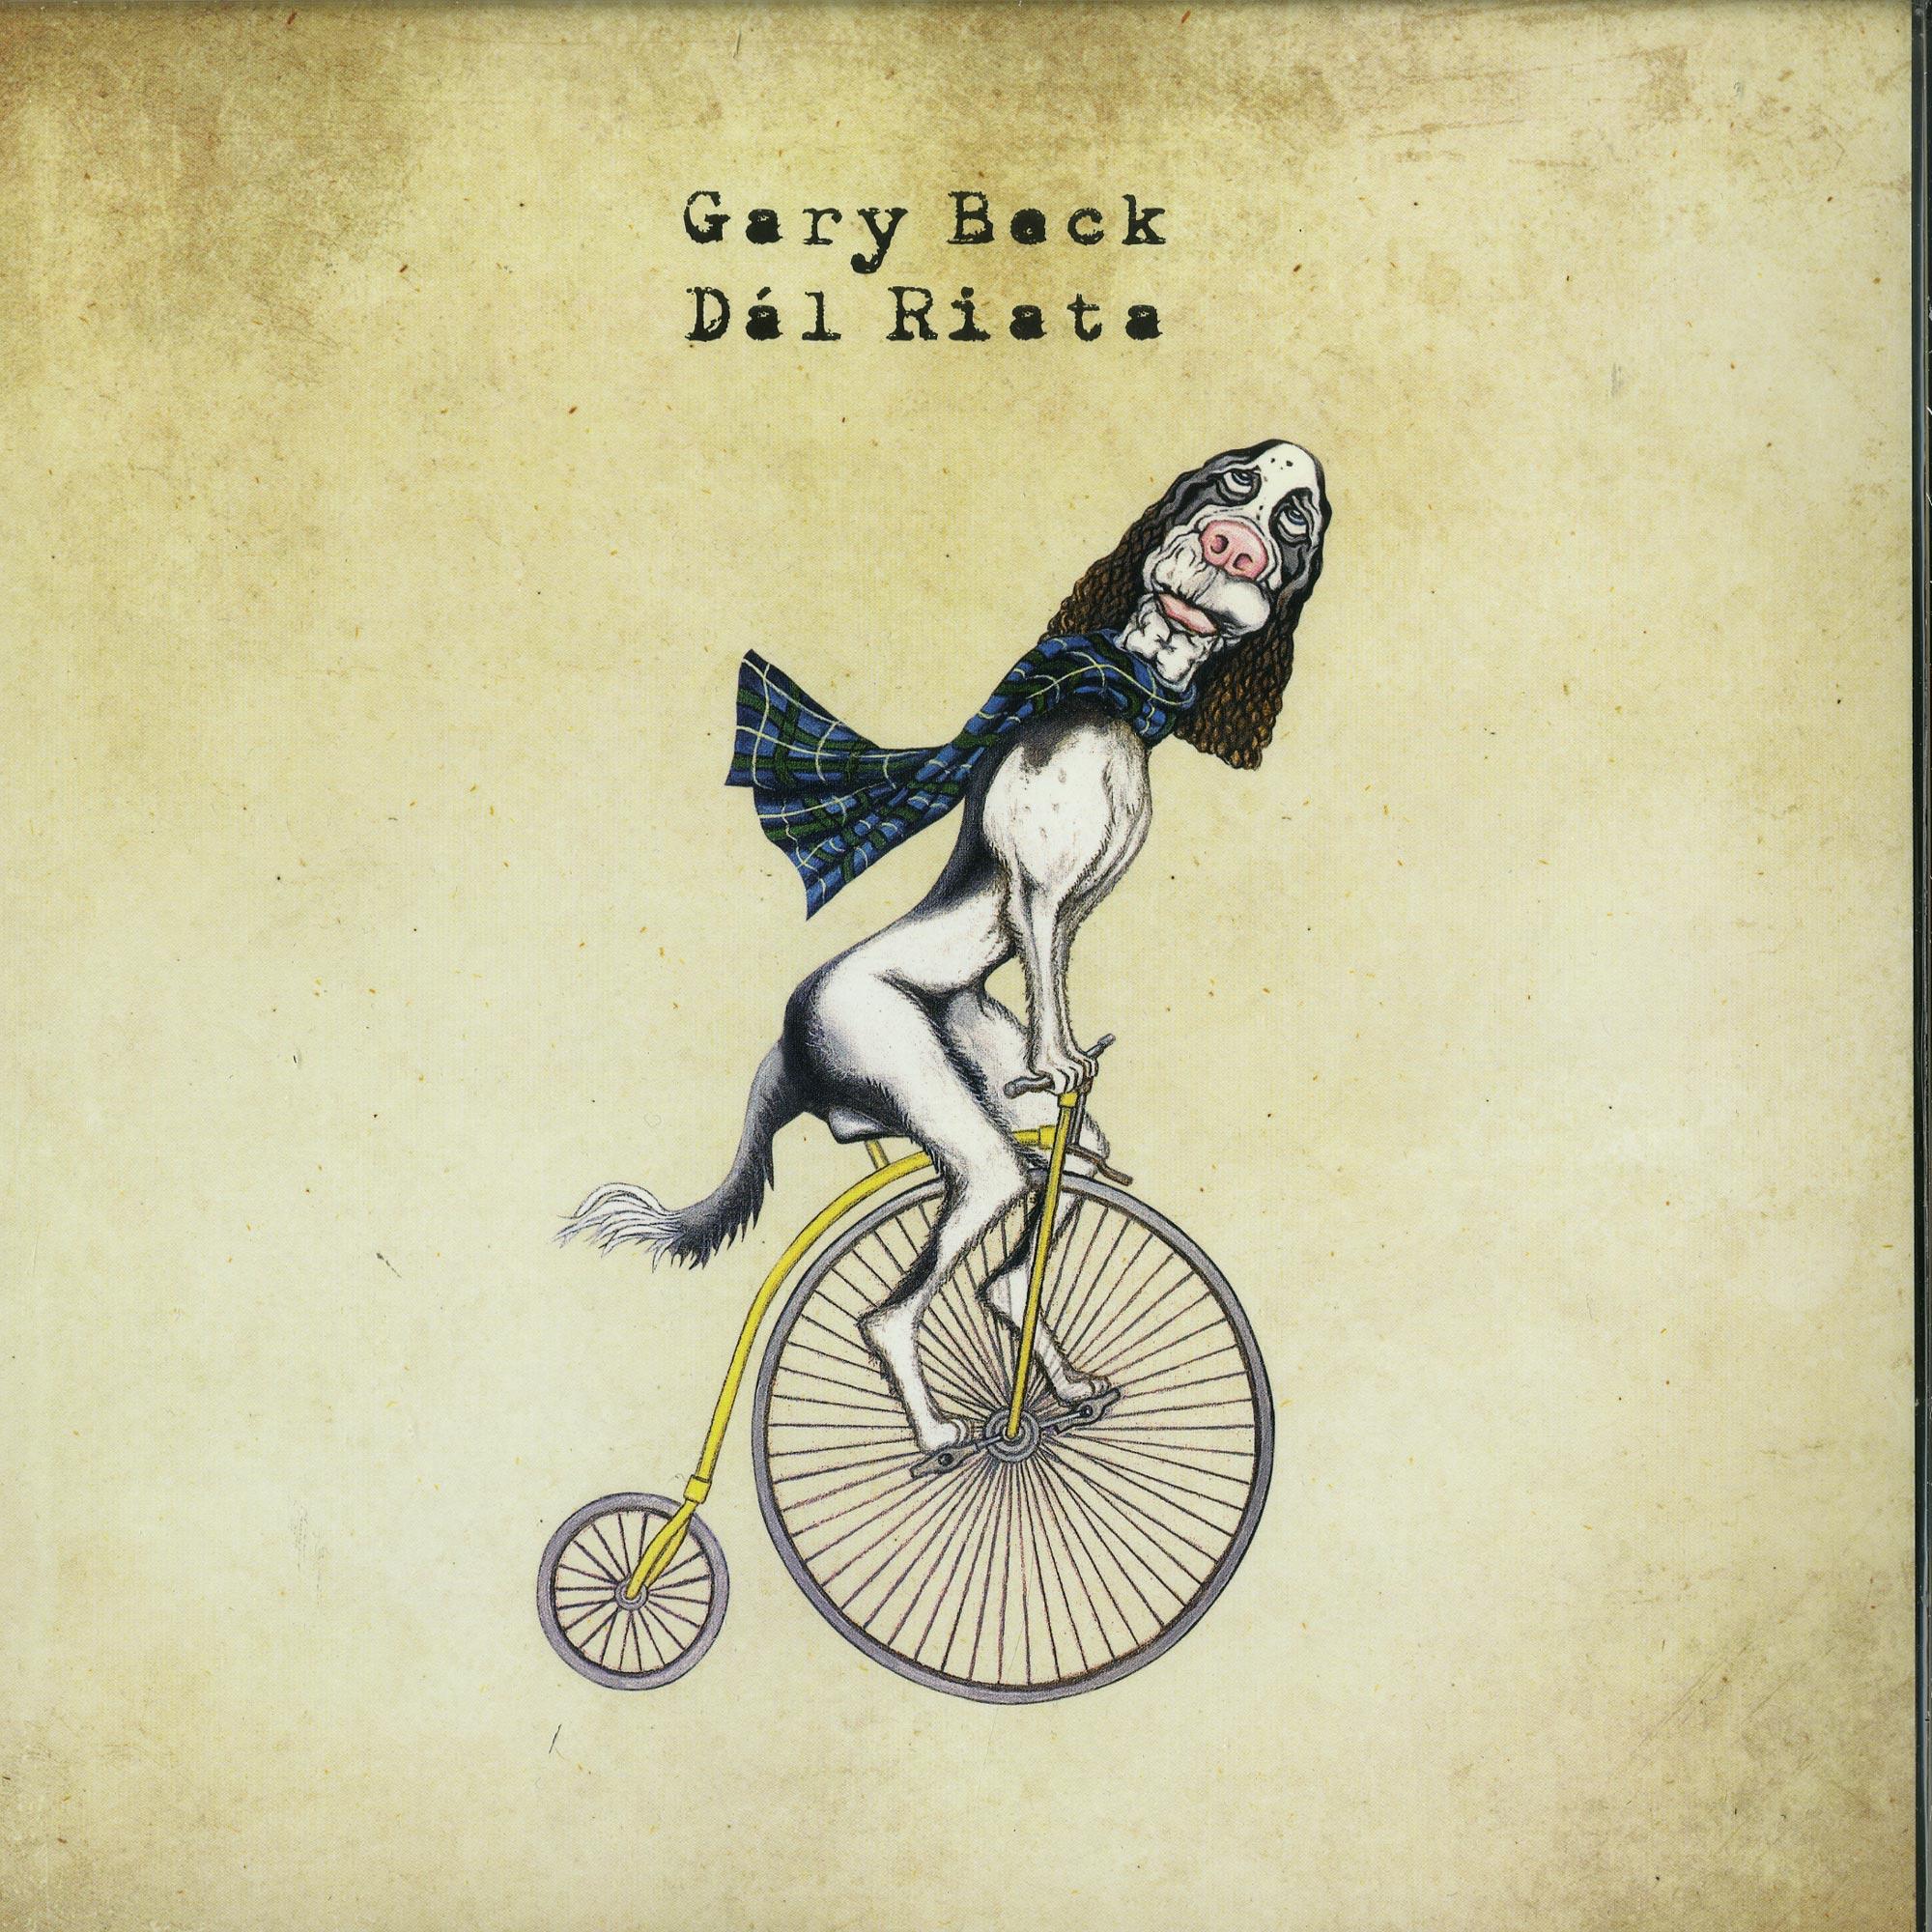 Gary Beck - DAL RIATA LP